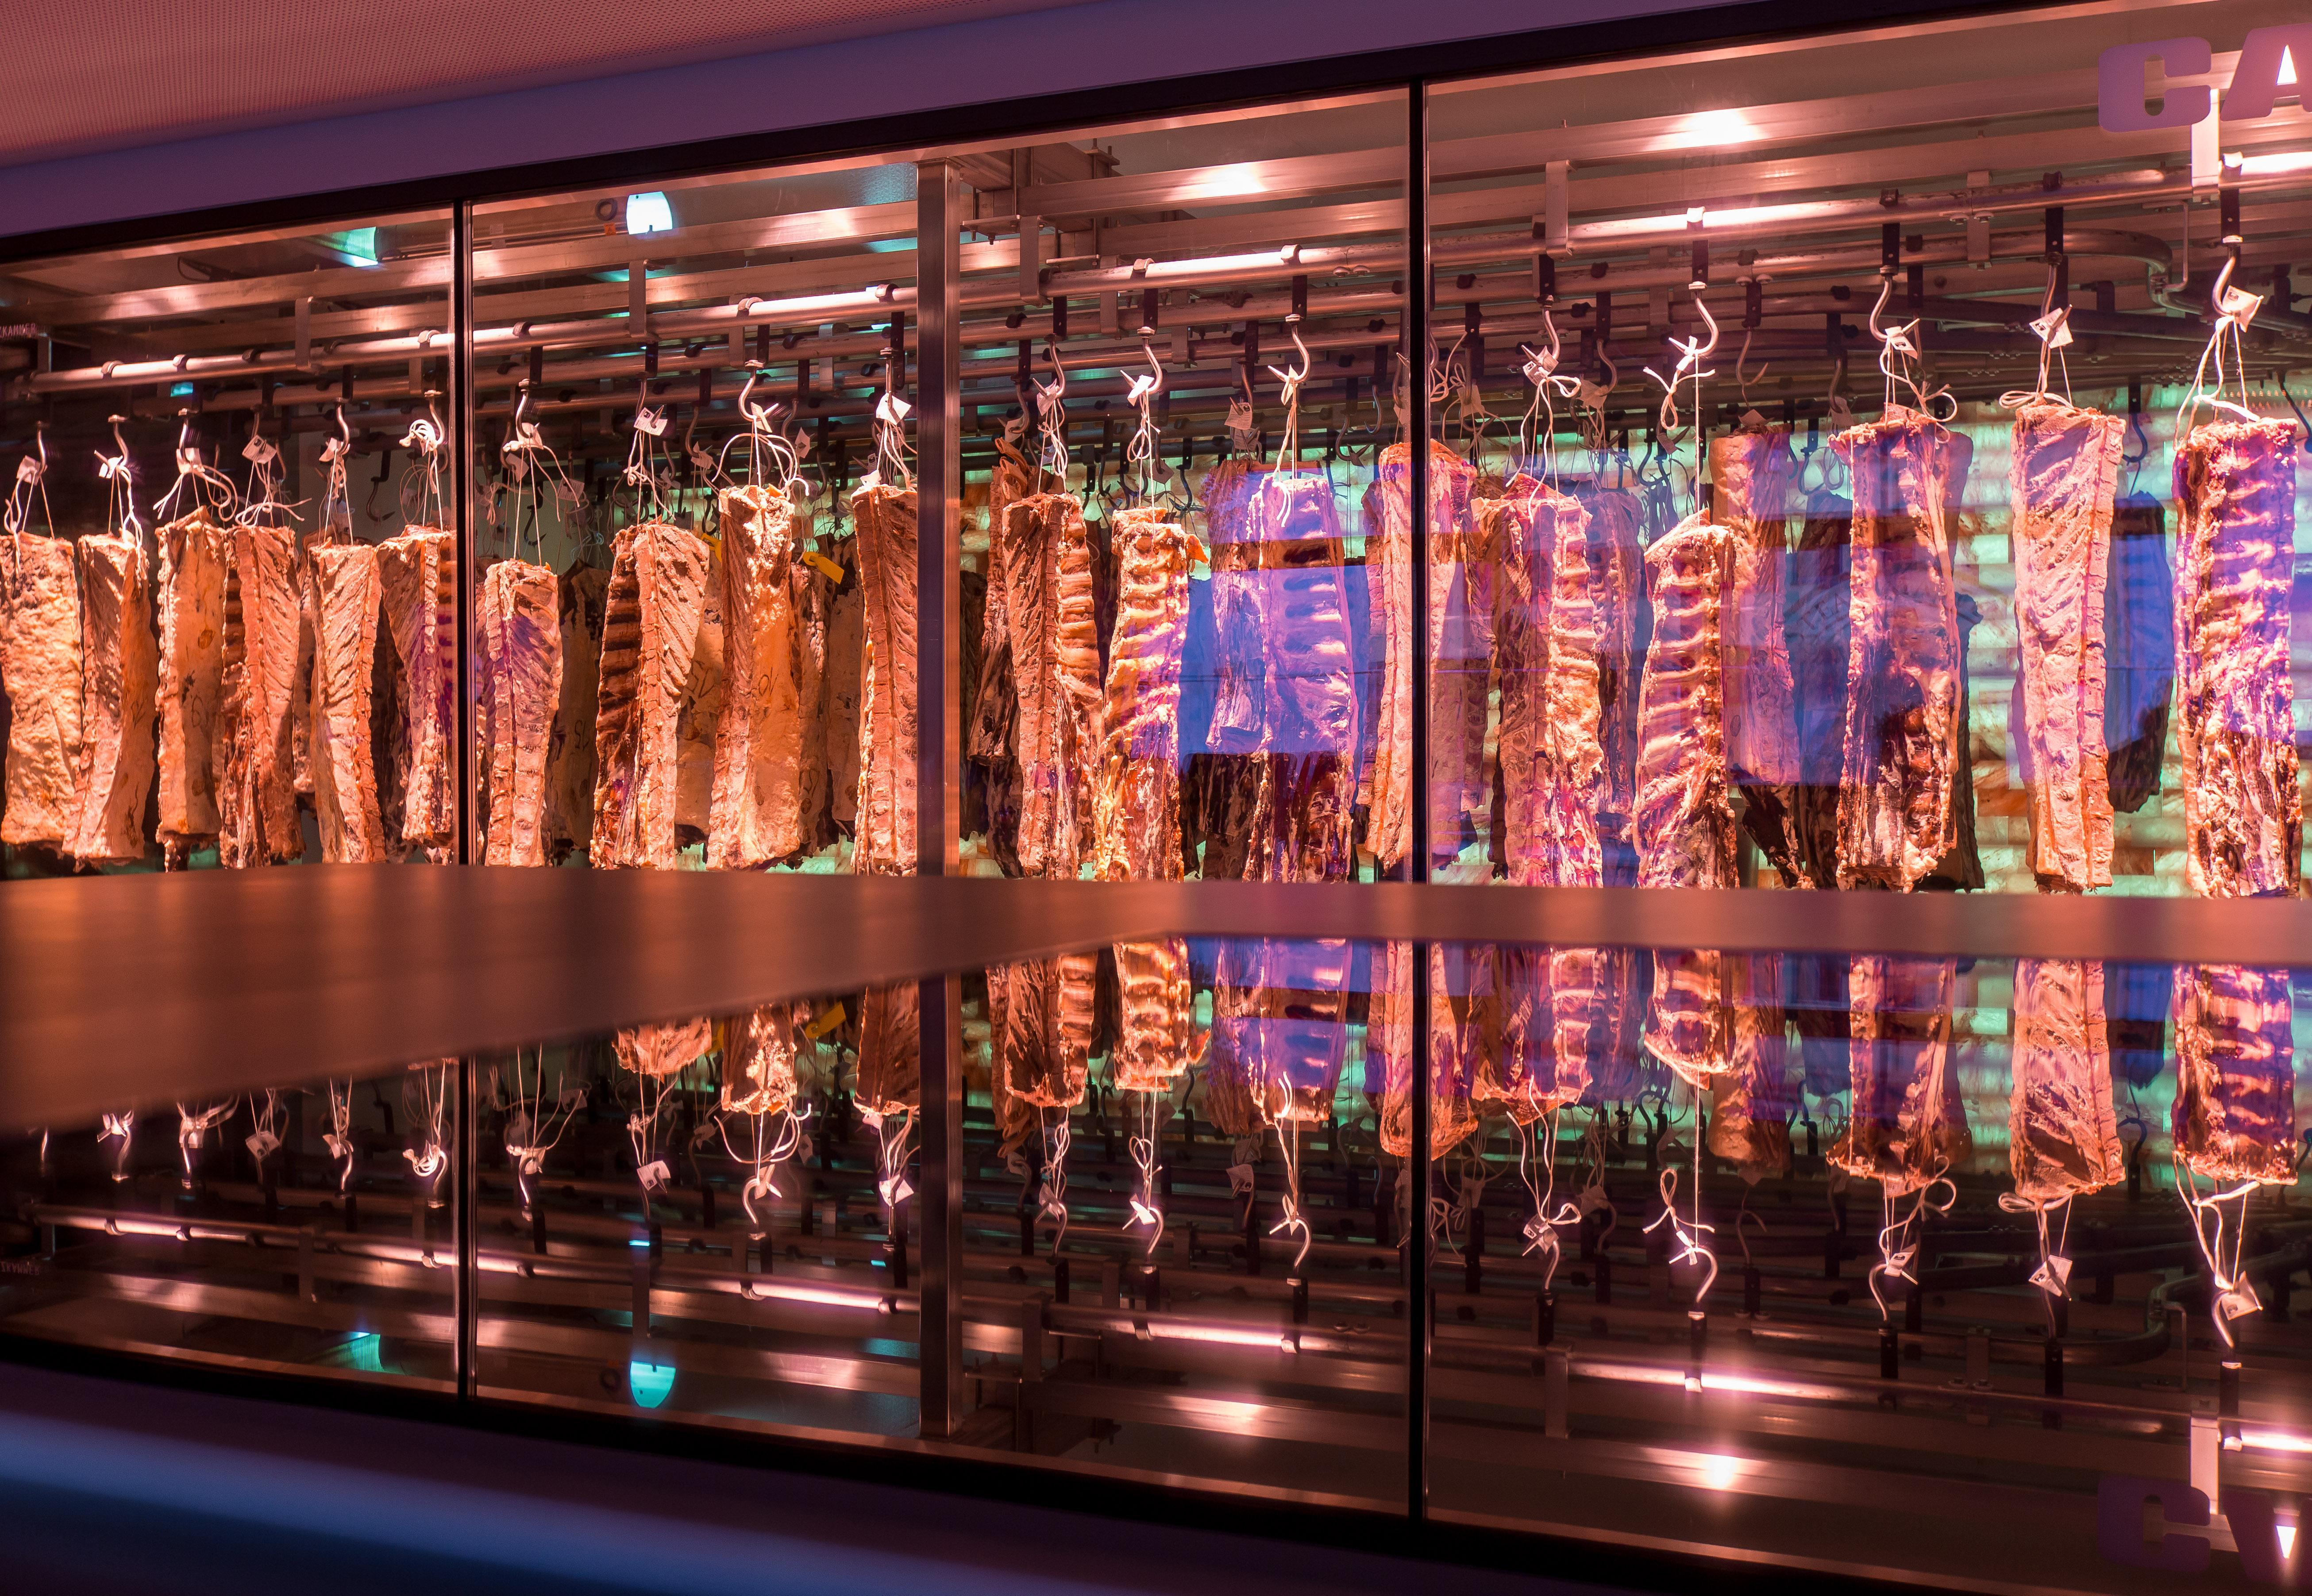 Die Steakschaft - Fleischerlebniszentrale mit der Carnothek - der Salzreifekammer